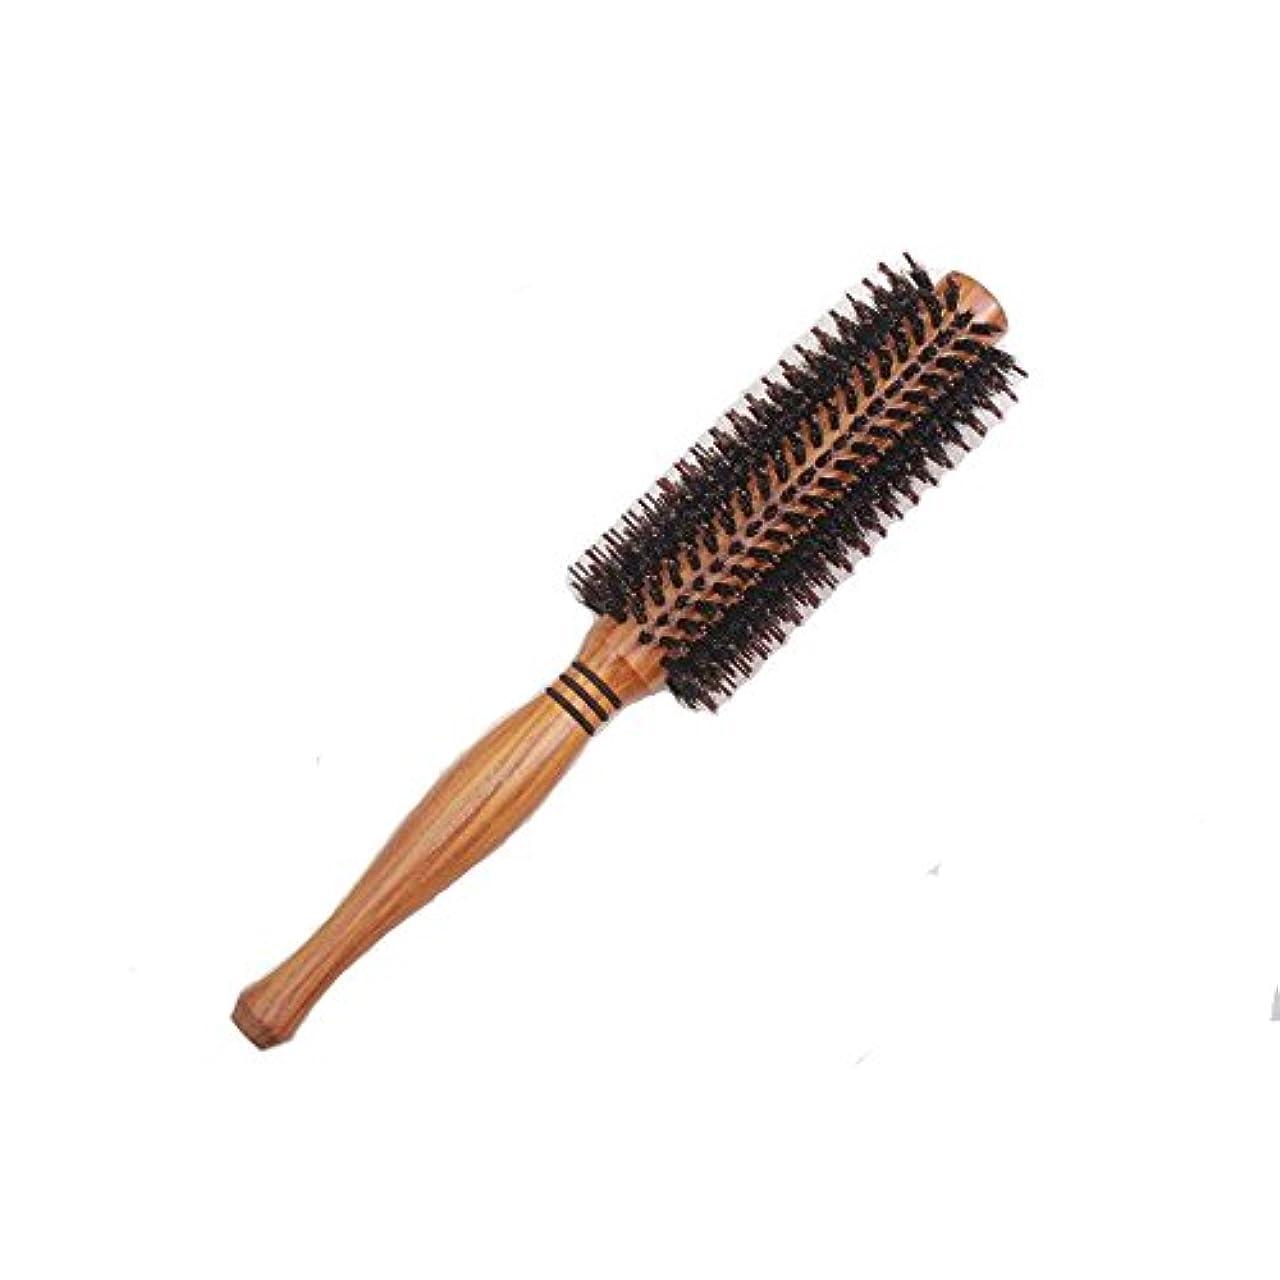 投票高揚した一月天然ロールブラシ 豚毛 耐熱仕様 ブロー カール 巻き髪 ヘア ブラシ ロール